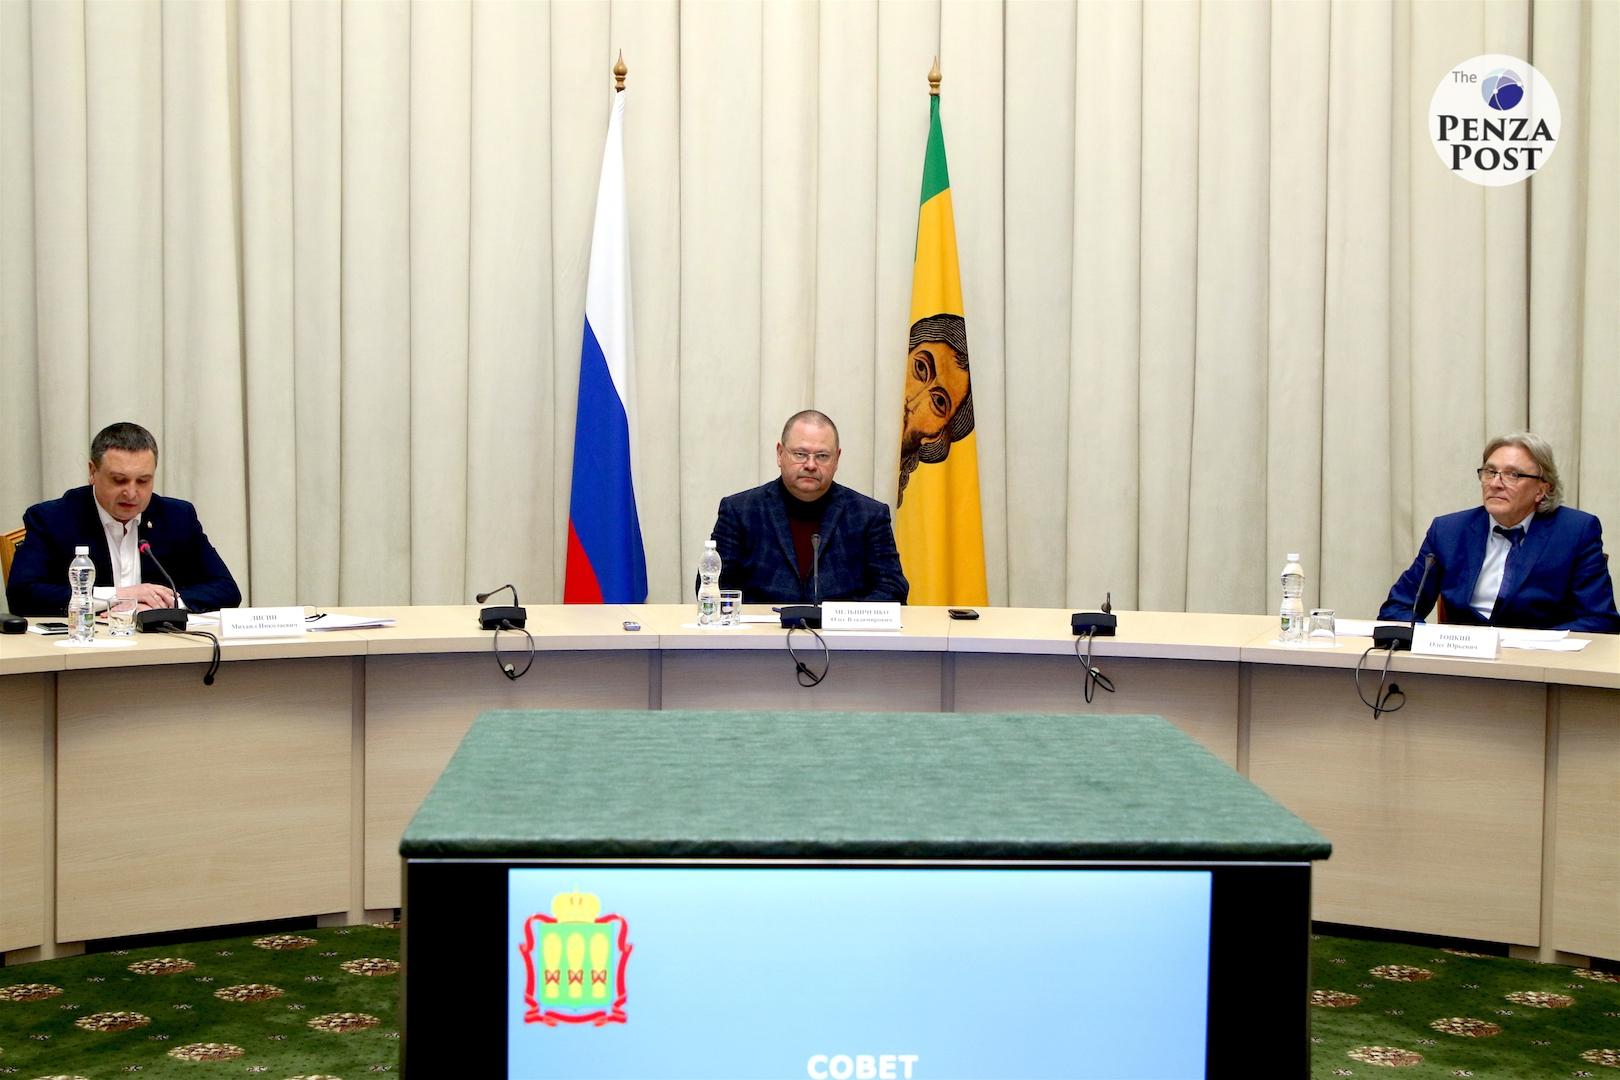 Олег Мельниченко обсудил с бизнес-сообществом вопросы развития экономического развития Пензенской области